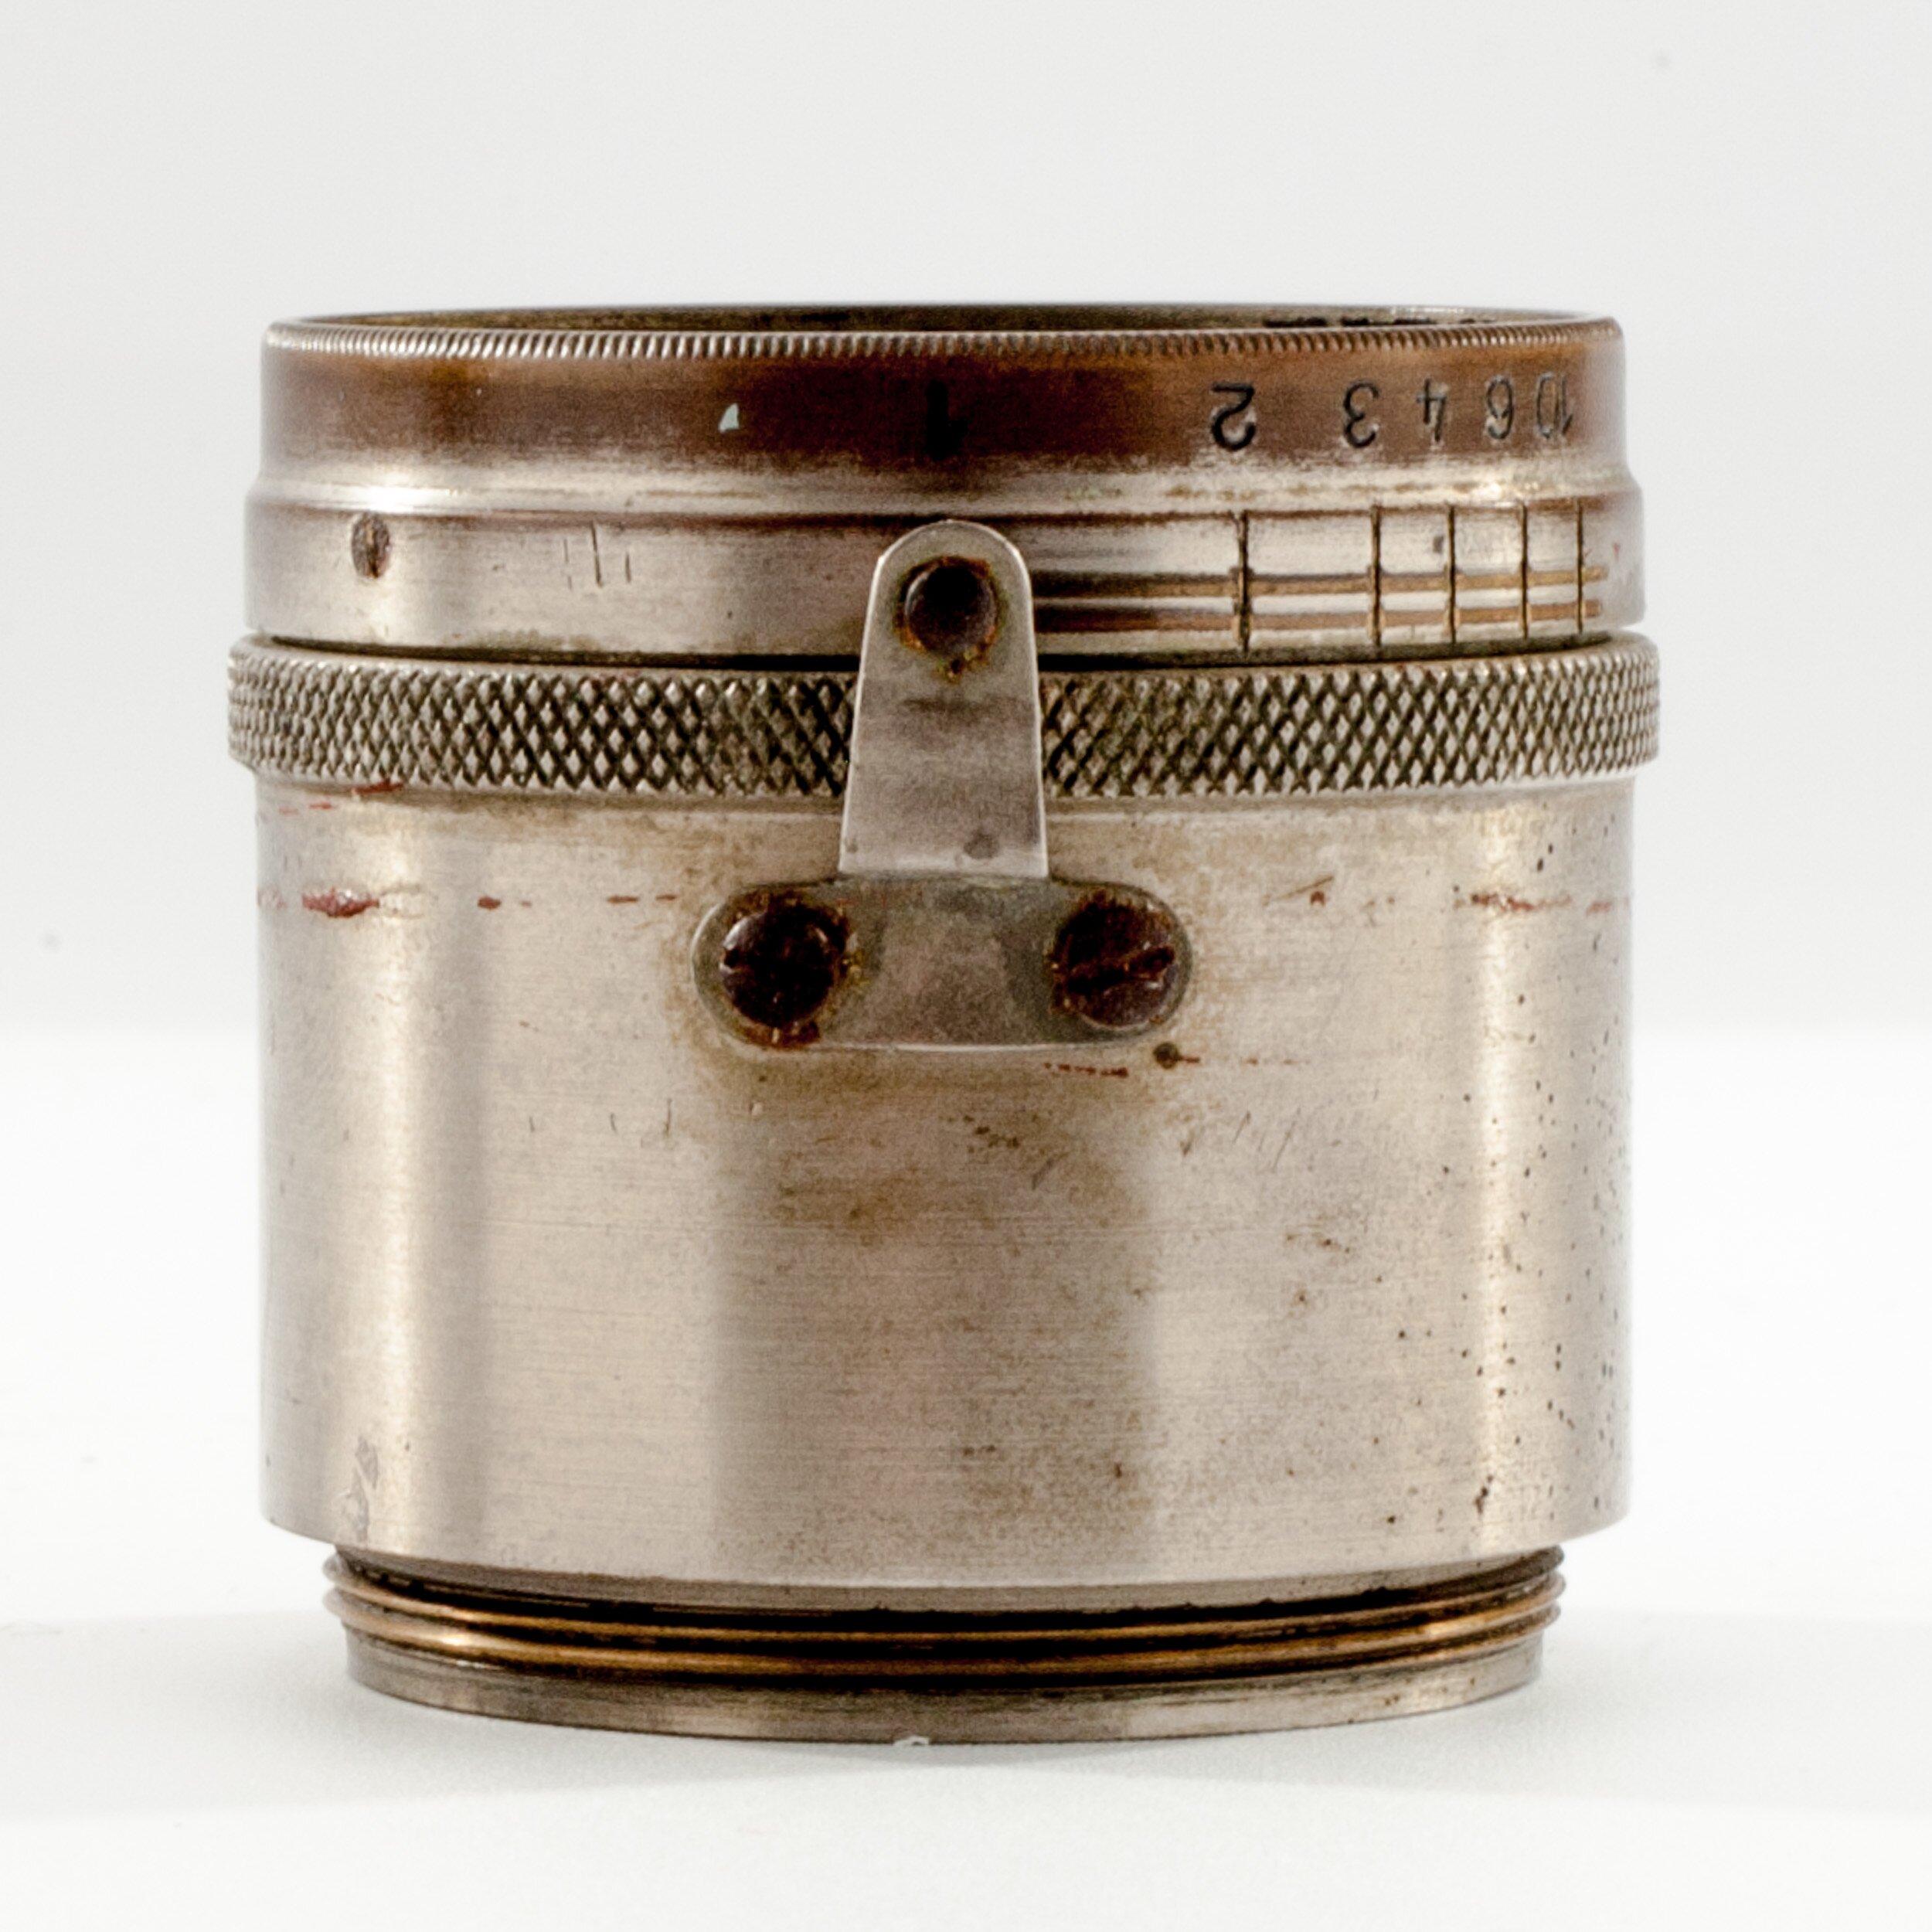 Leica 4/9,5cm Voort Vergrößerungsobjektiv